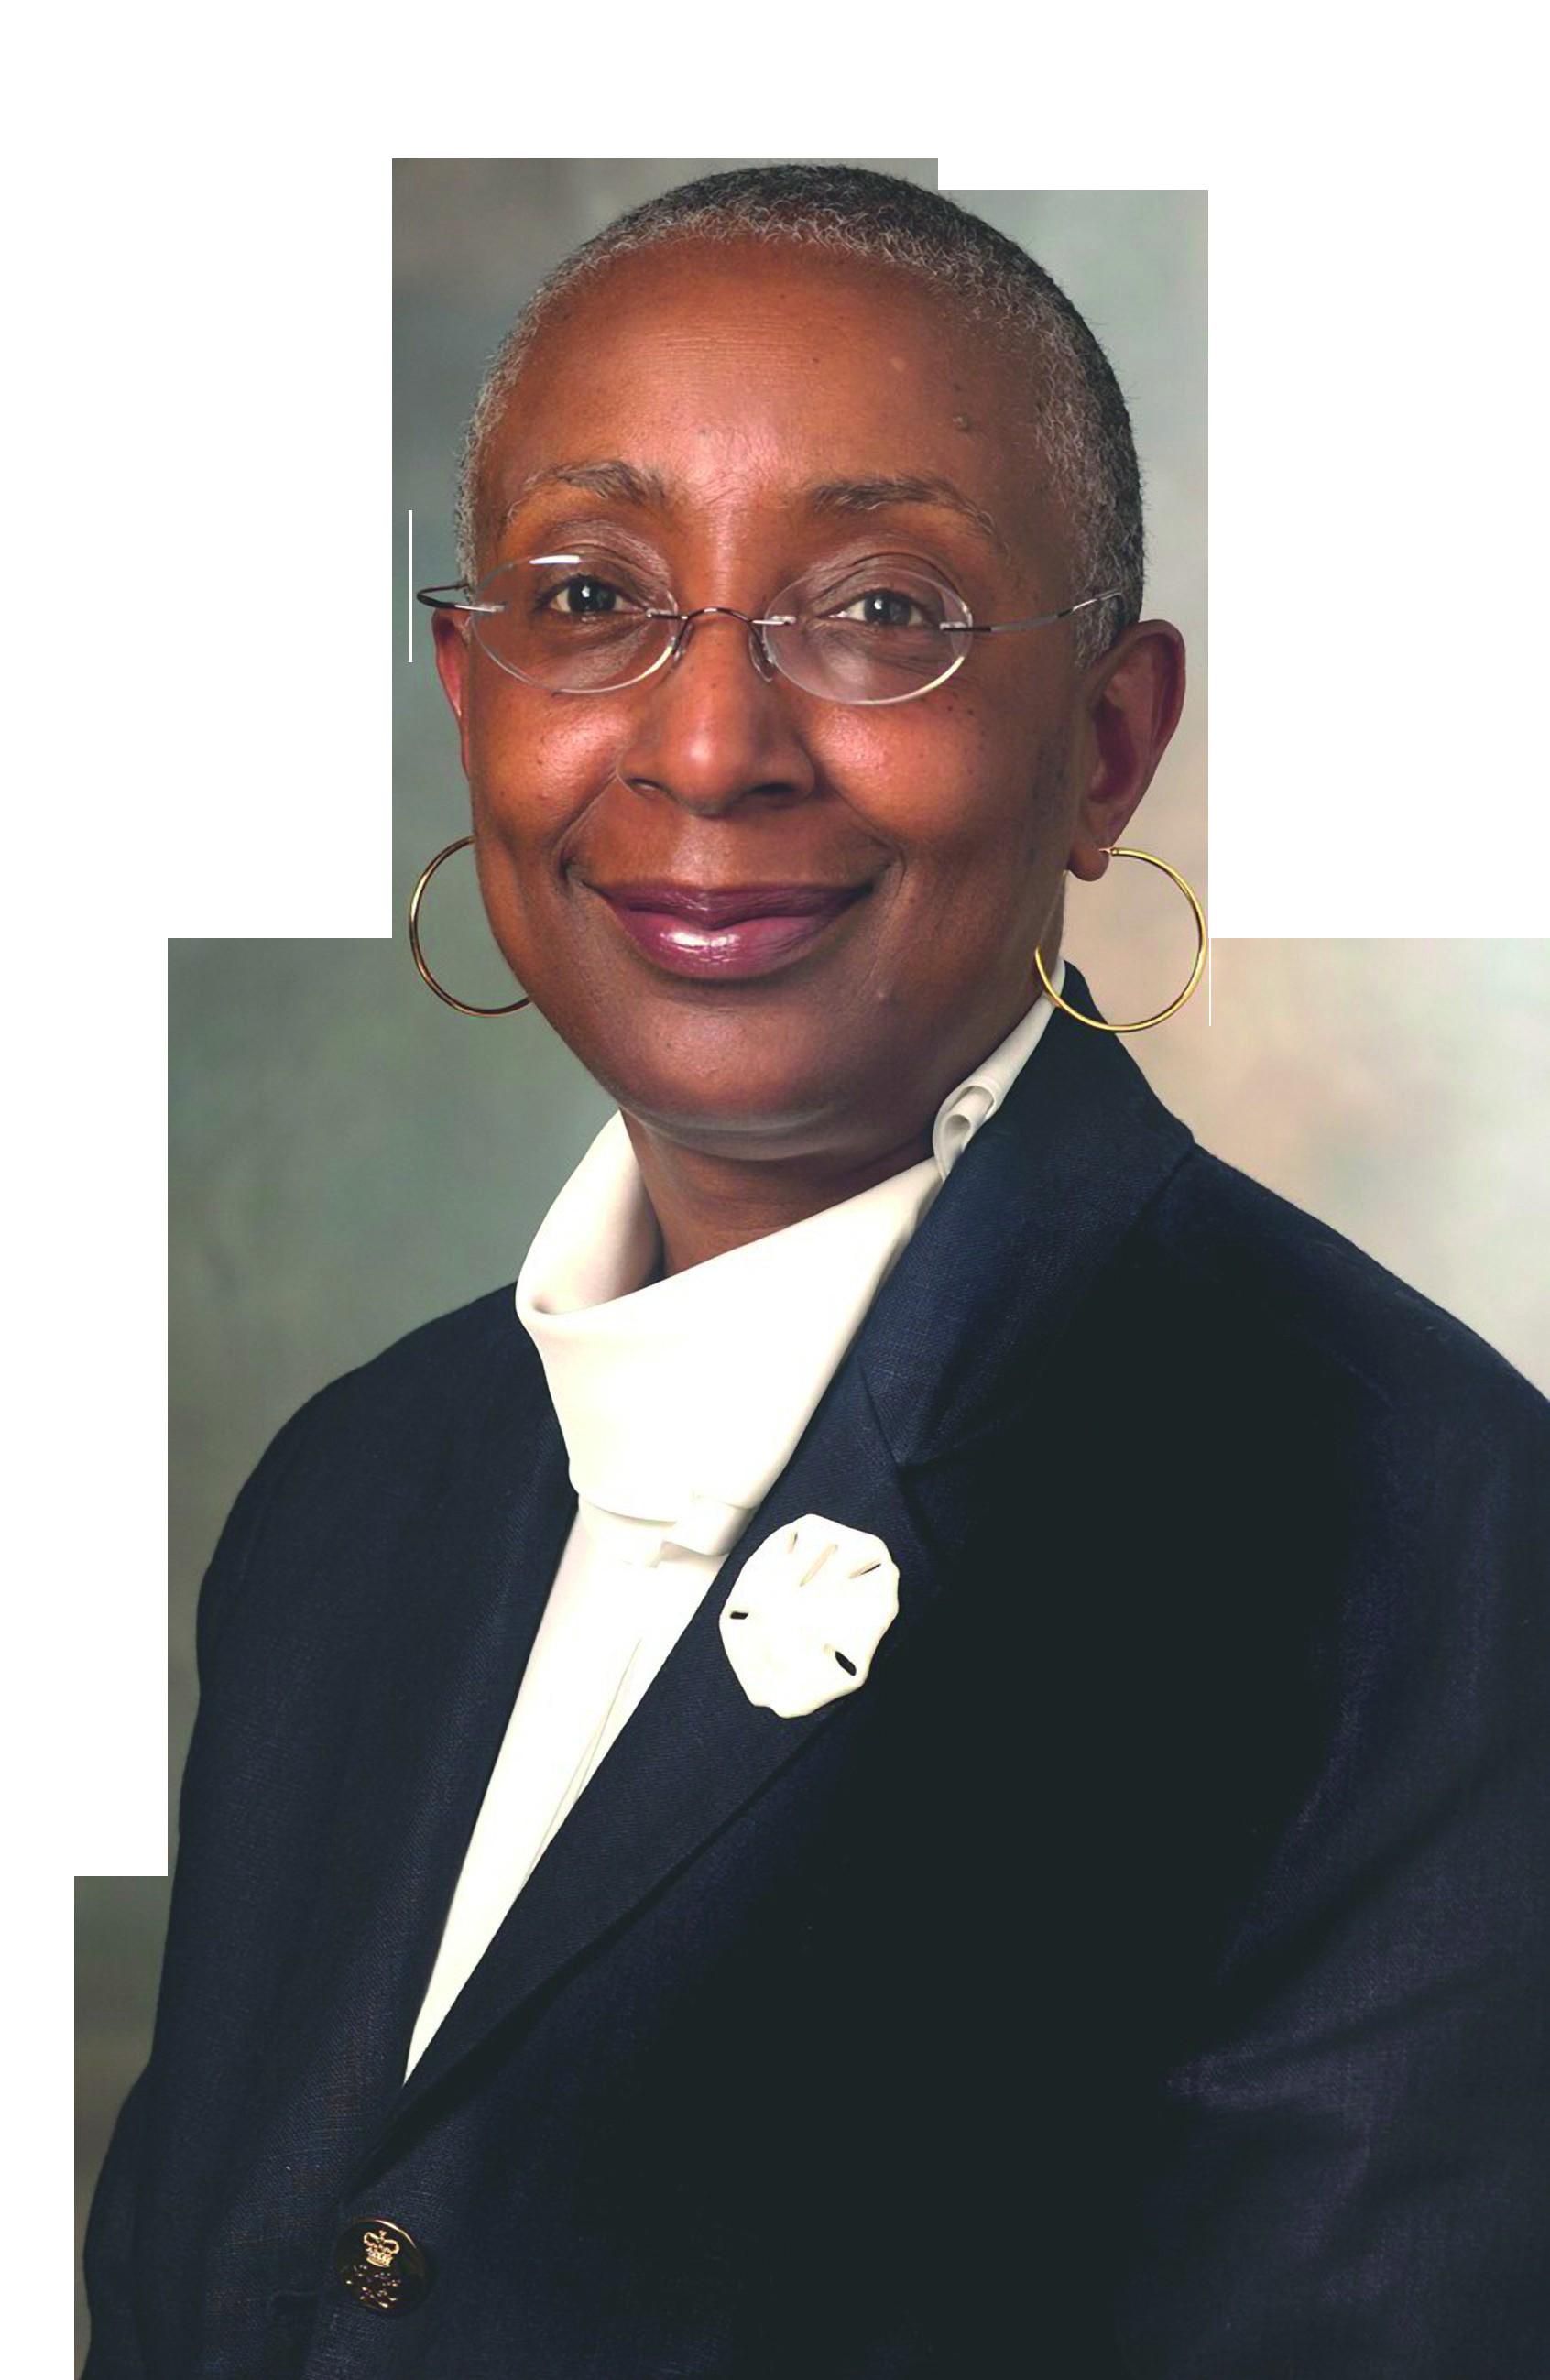 Angela Gittens, Director General of Airport Council International (ACI).